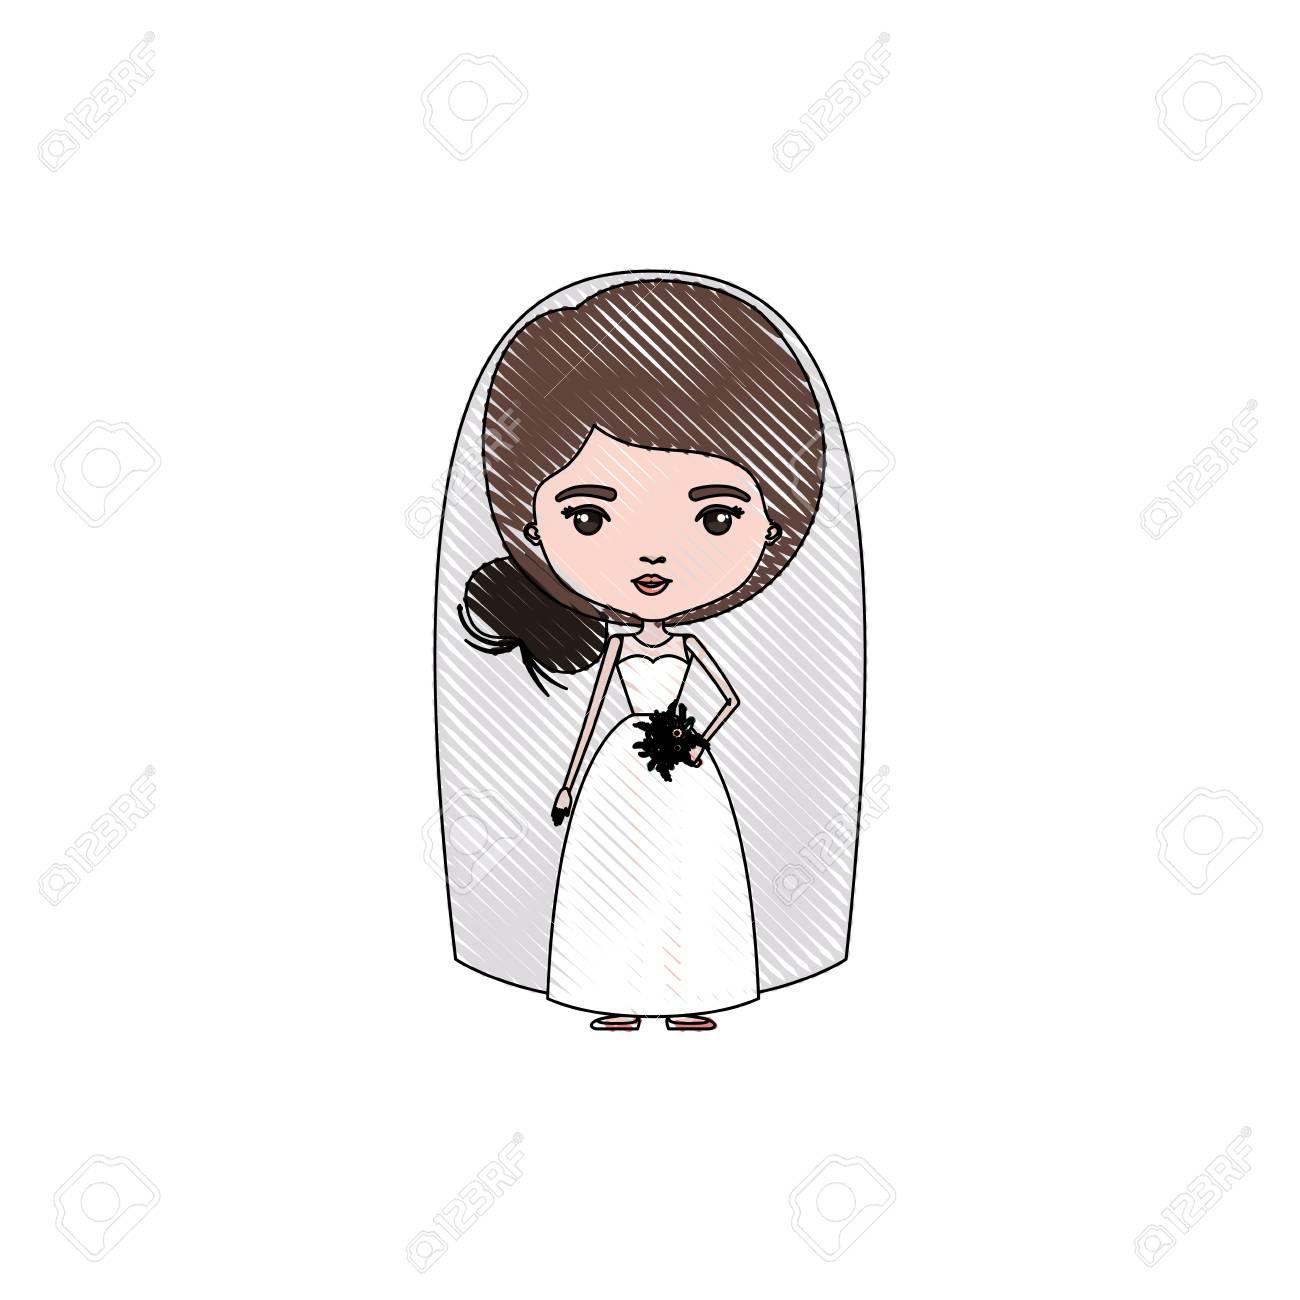 写真素材 , 色クレヨン シルエット似顔絵パン側髪型ベクトル図とウェディング ドレスでかわいい女性